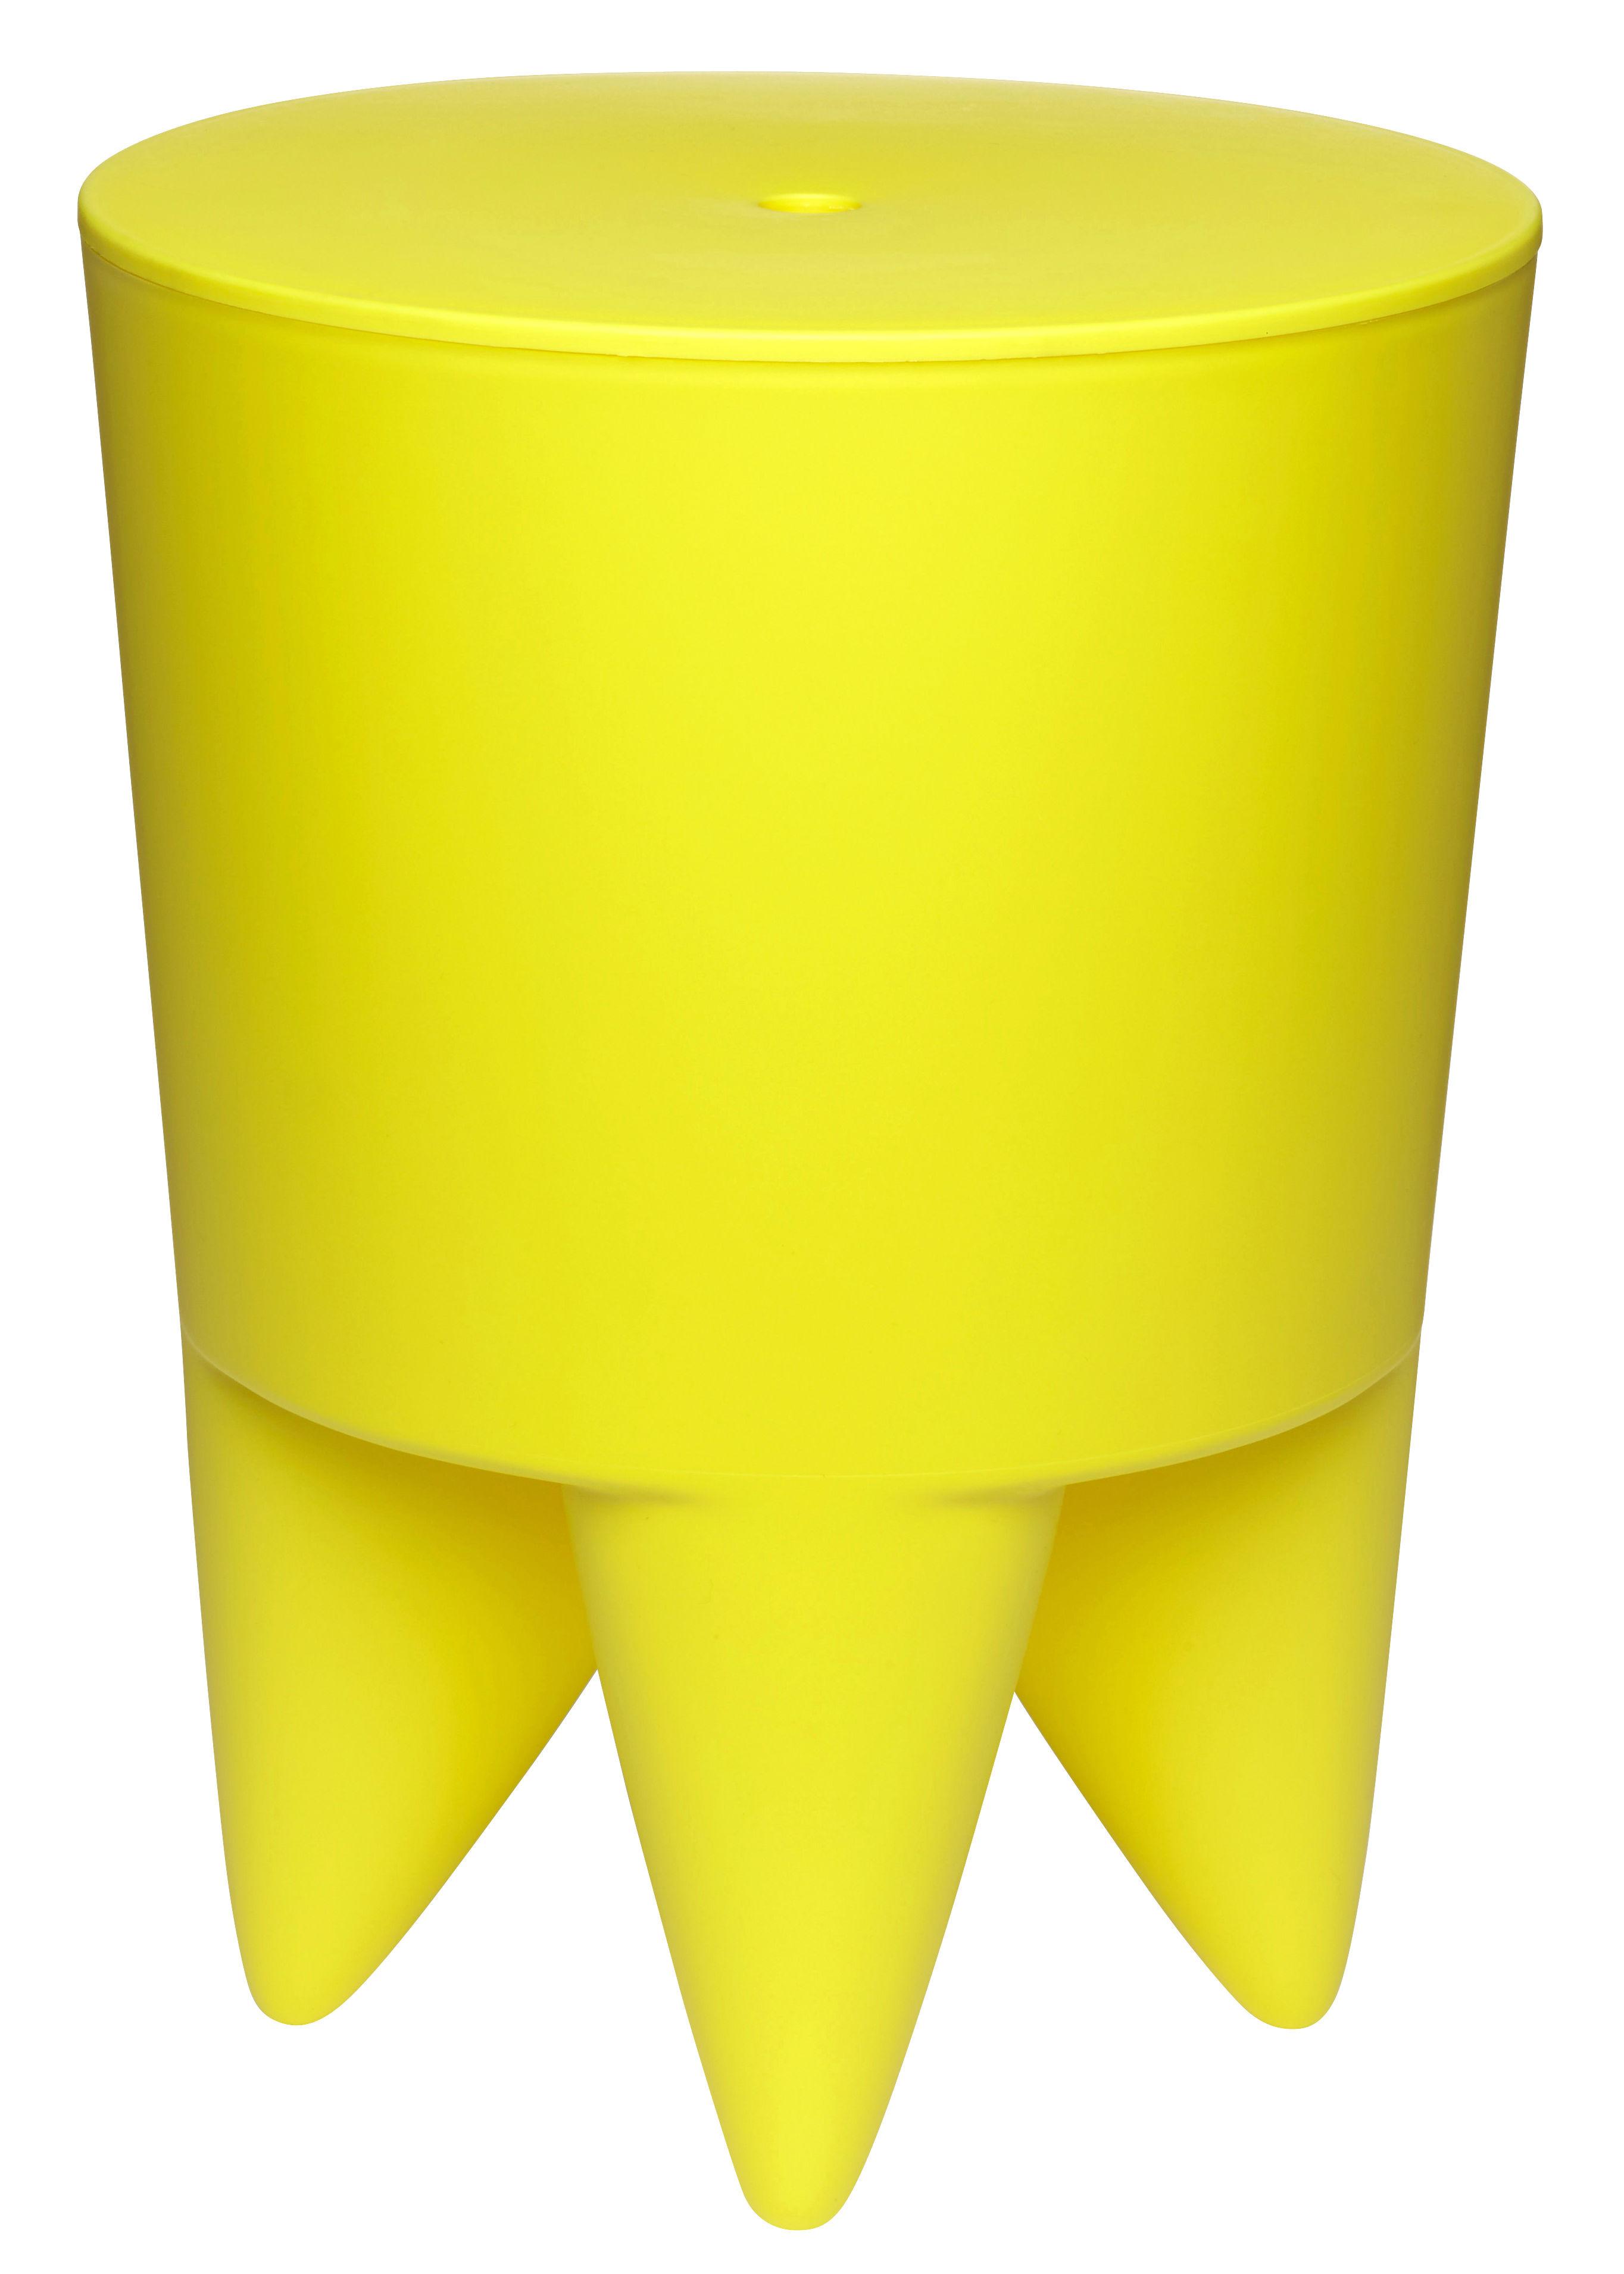 Arredamento - Sgabelli - Sgabello New Bubu 1er - Vano - Plastica di XO - Giallo vivo - Polipropilene